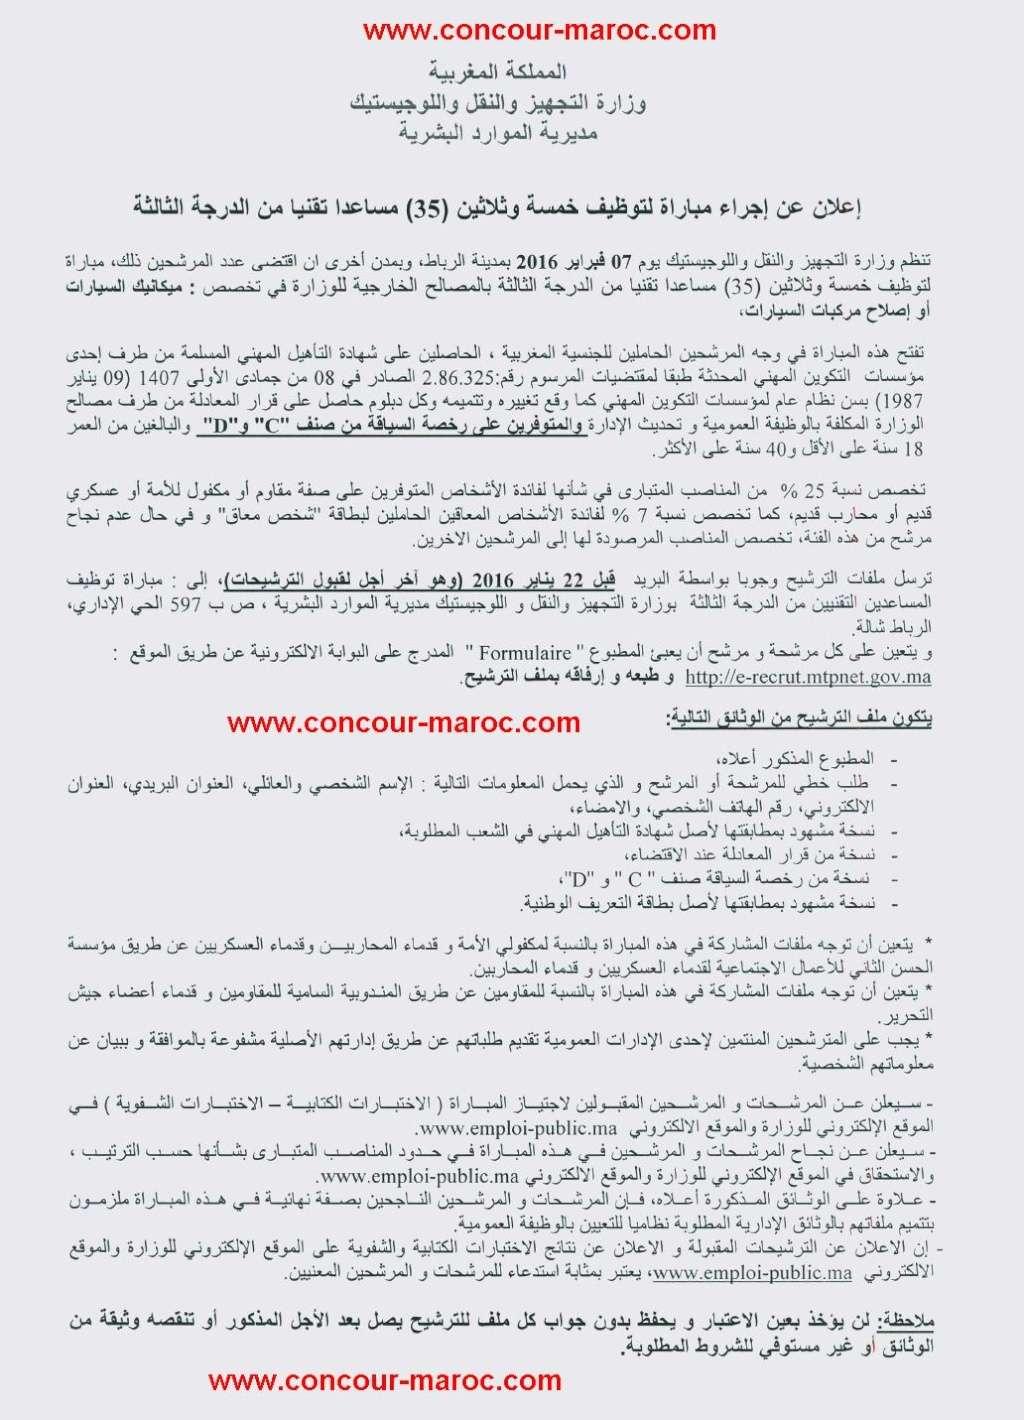 emploi public maroc